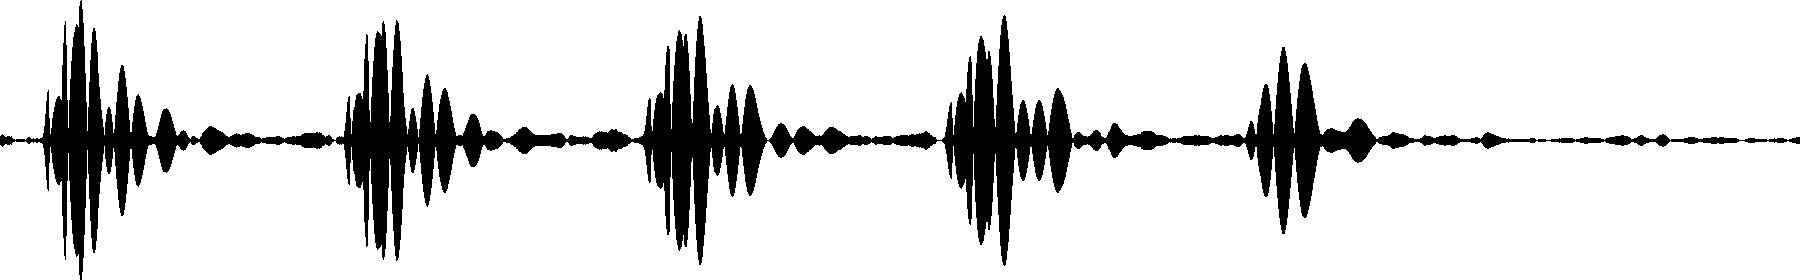 veh2 synths   065 c